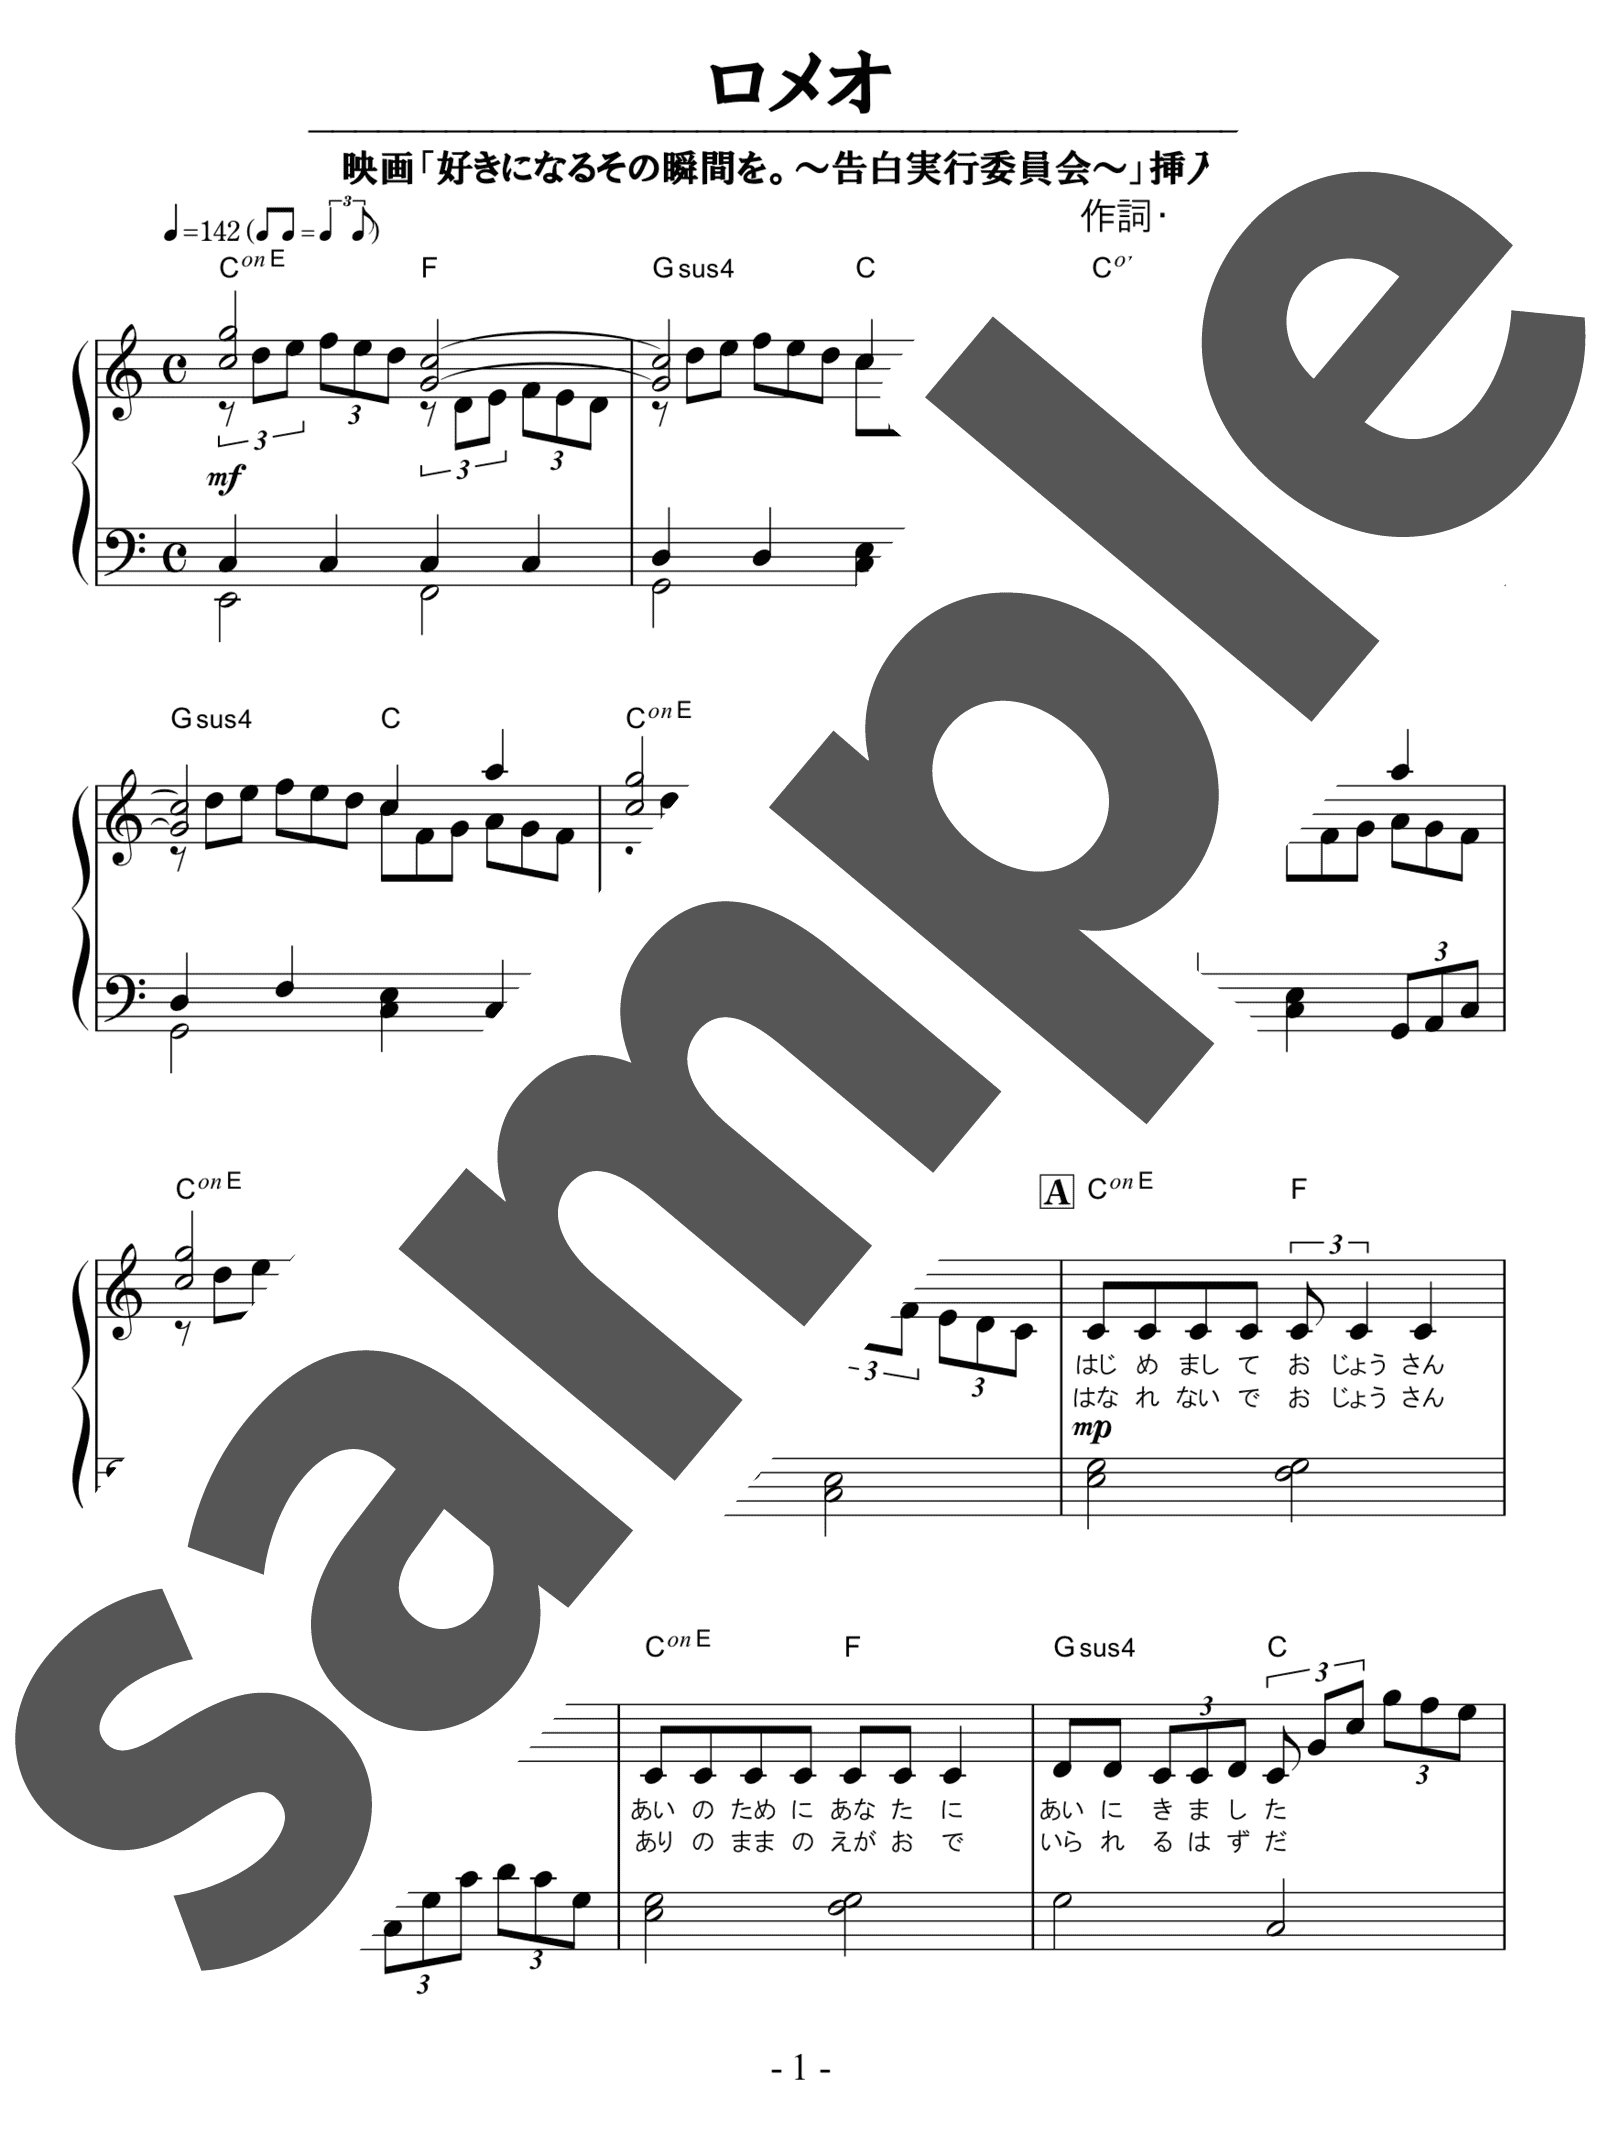 「ロメオ」のサンプル楽譜